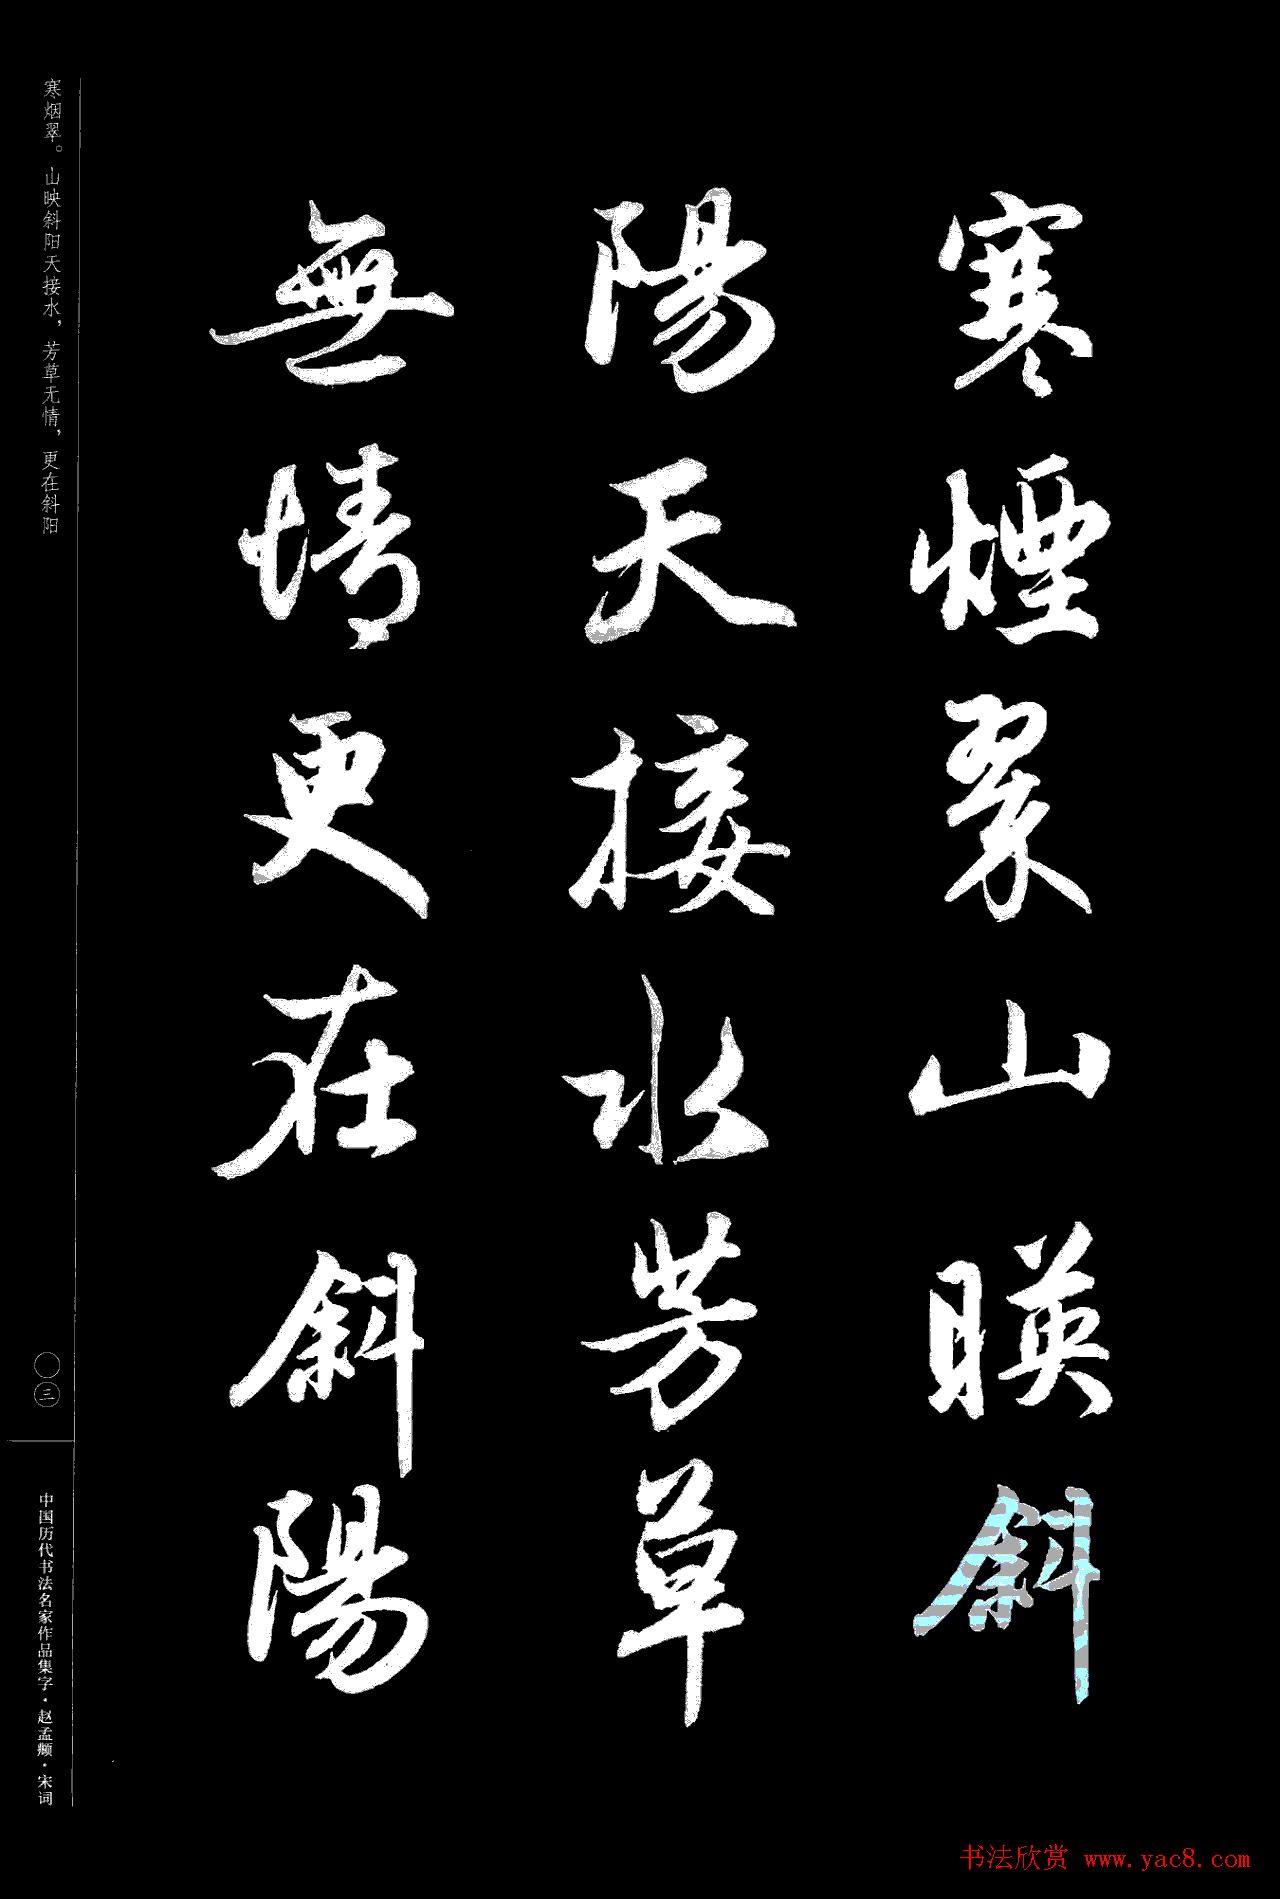 赵孟頫书法集字《宋词》